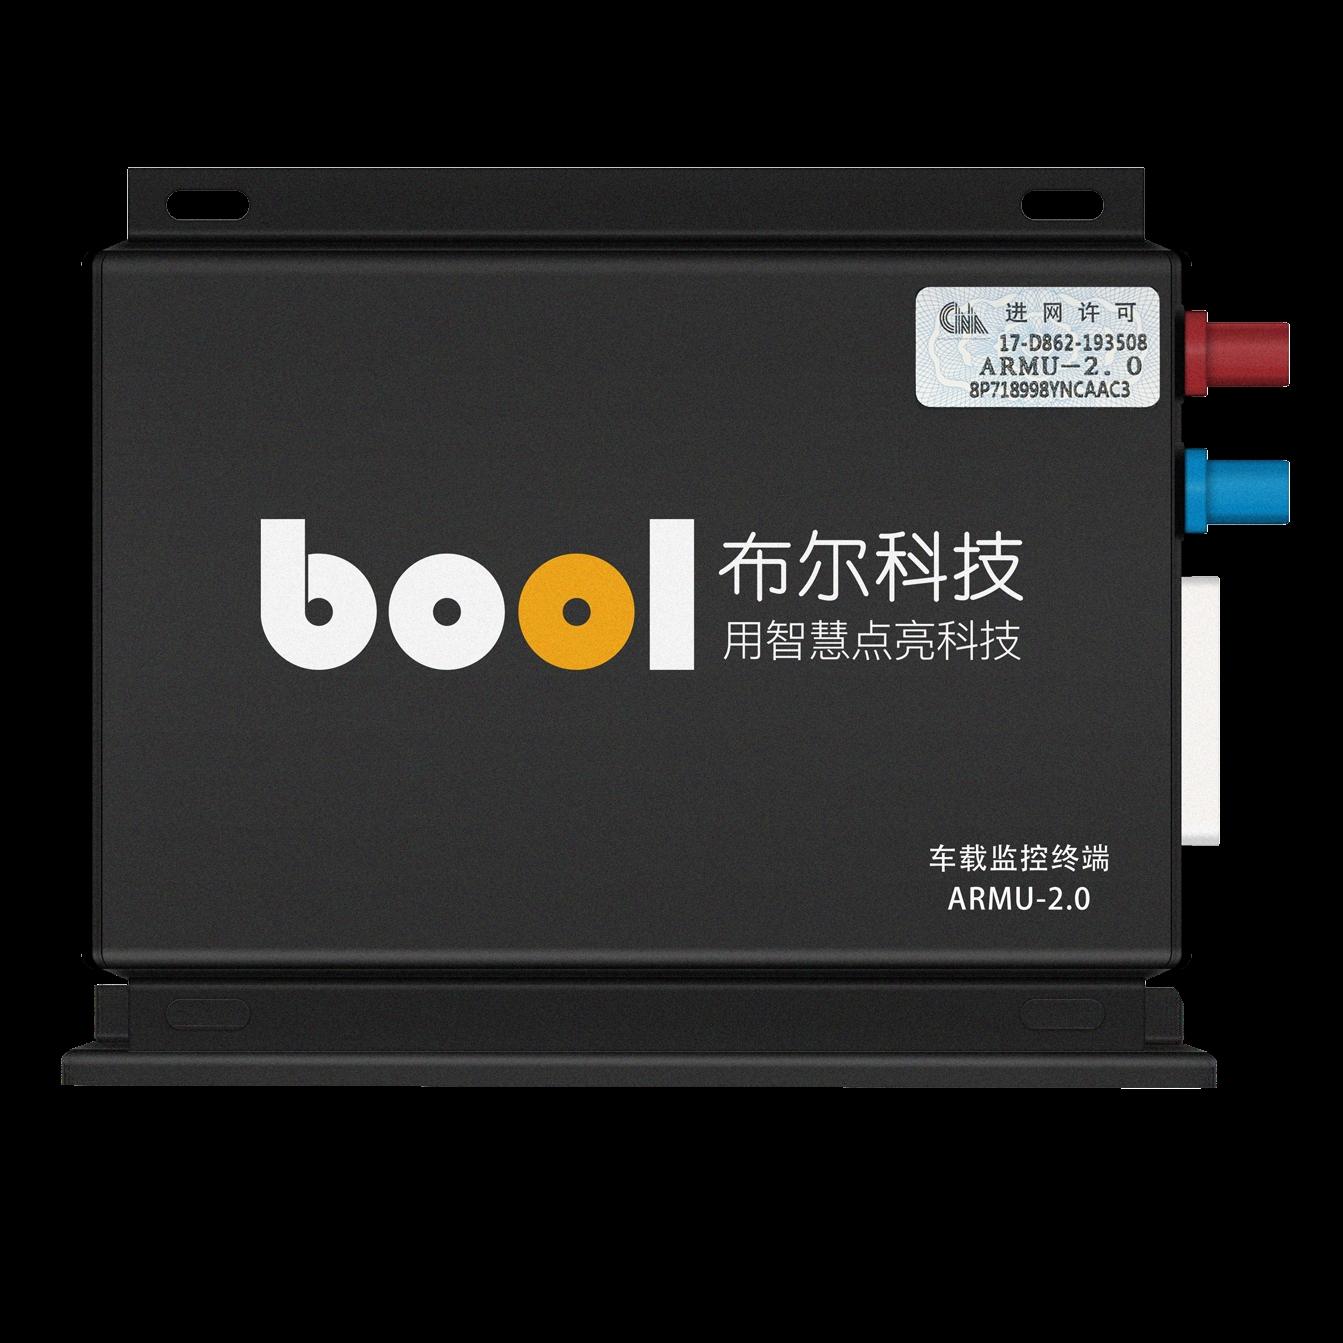 汽车OBD在线监控系统